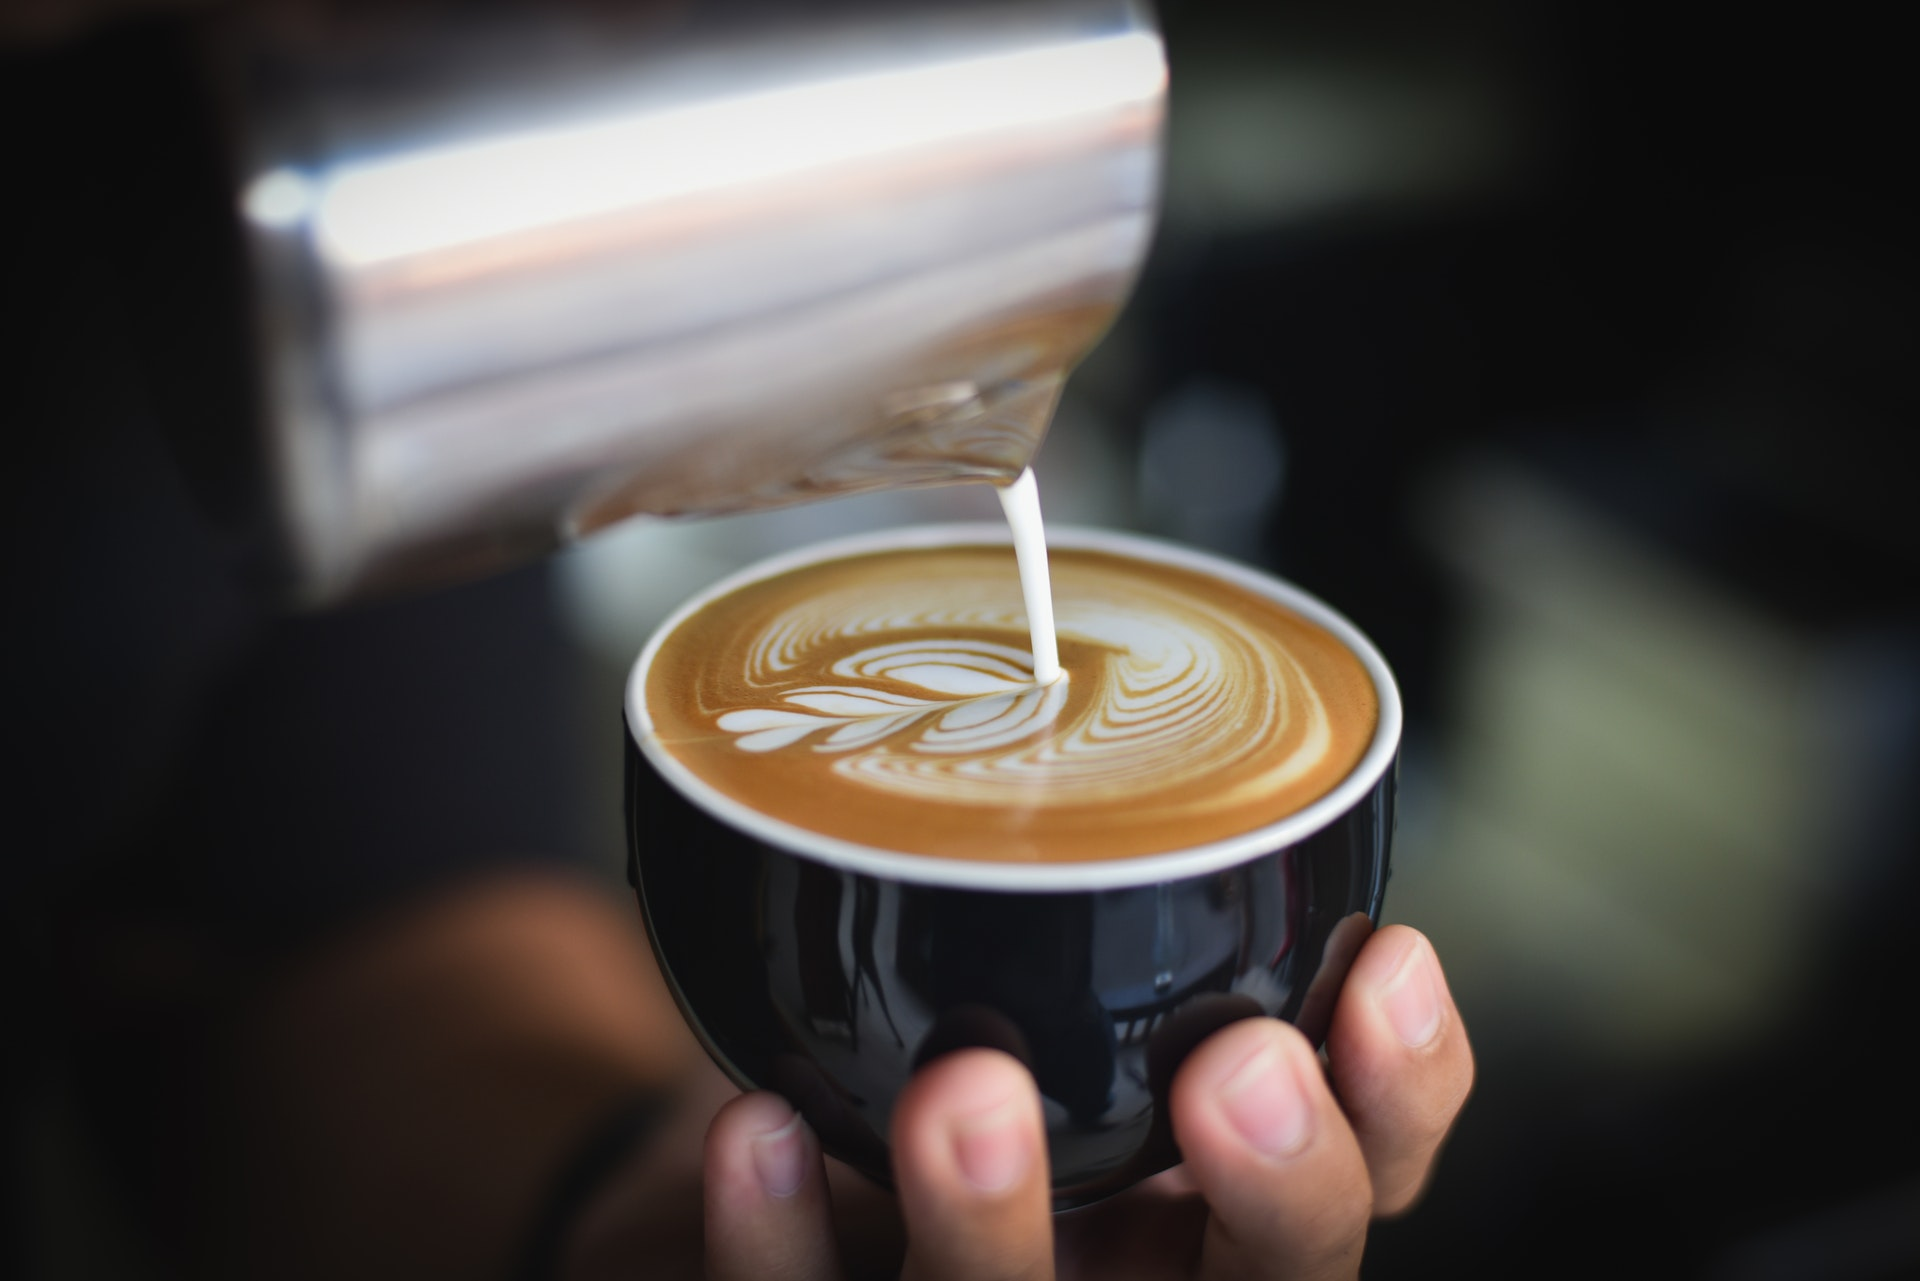 Диетолог Русакова предупредила россиян об опасности употребления кофе натощак